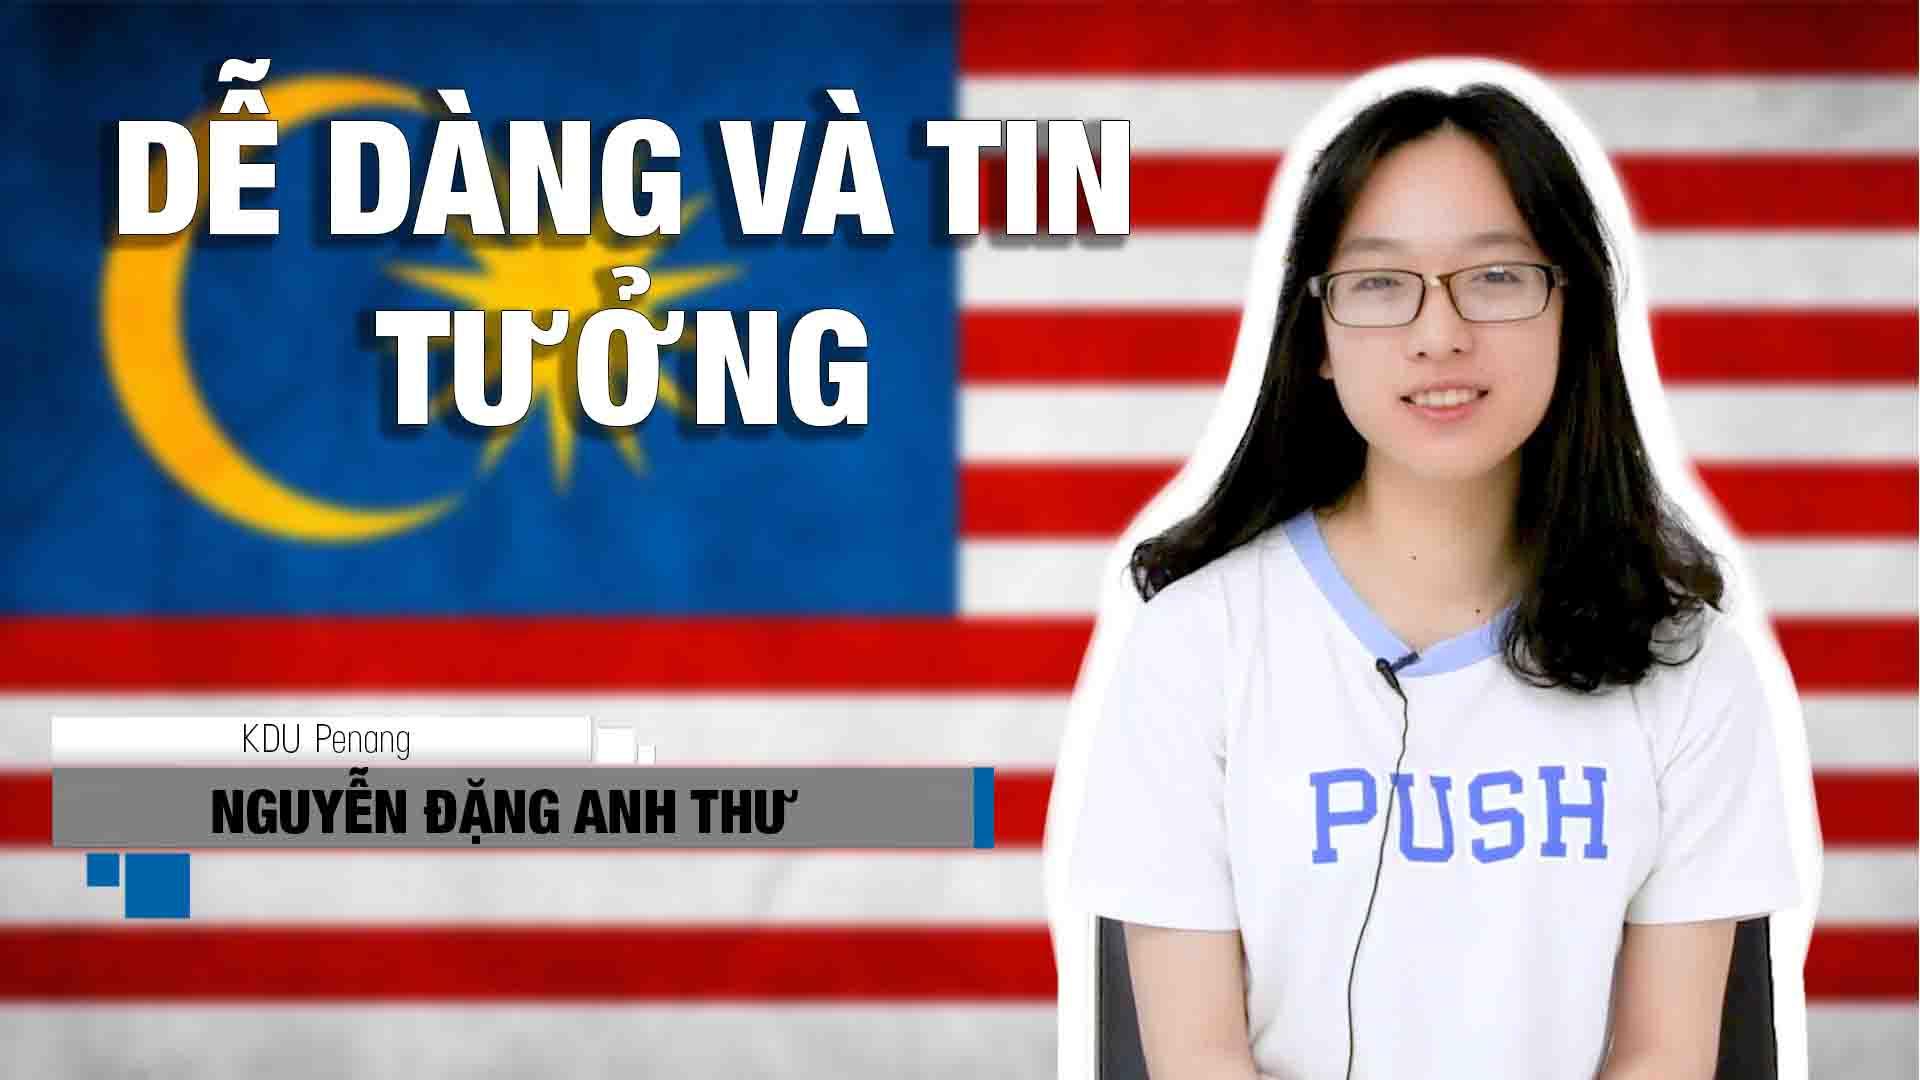 Bạn có nghĩ tới việc du học Malaysia bao giờ chưa?